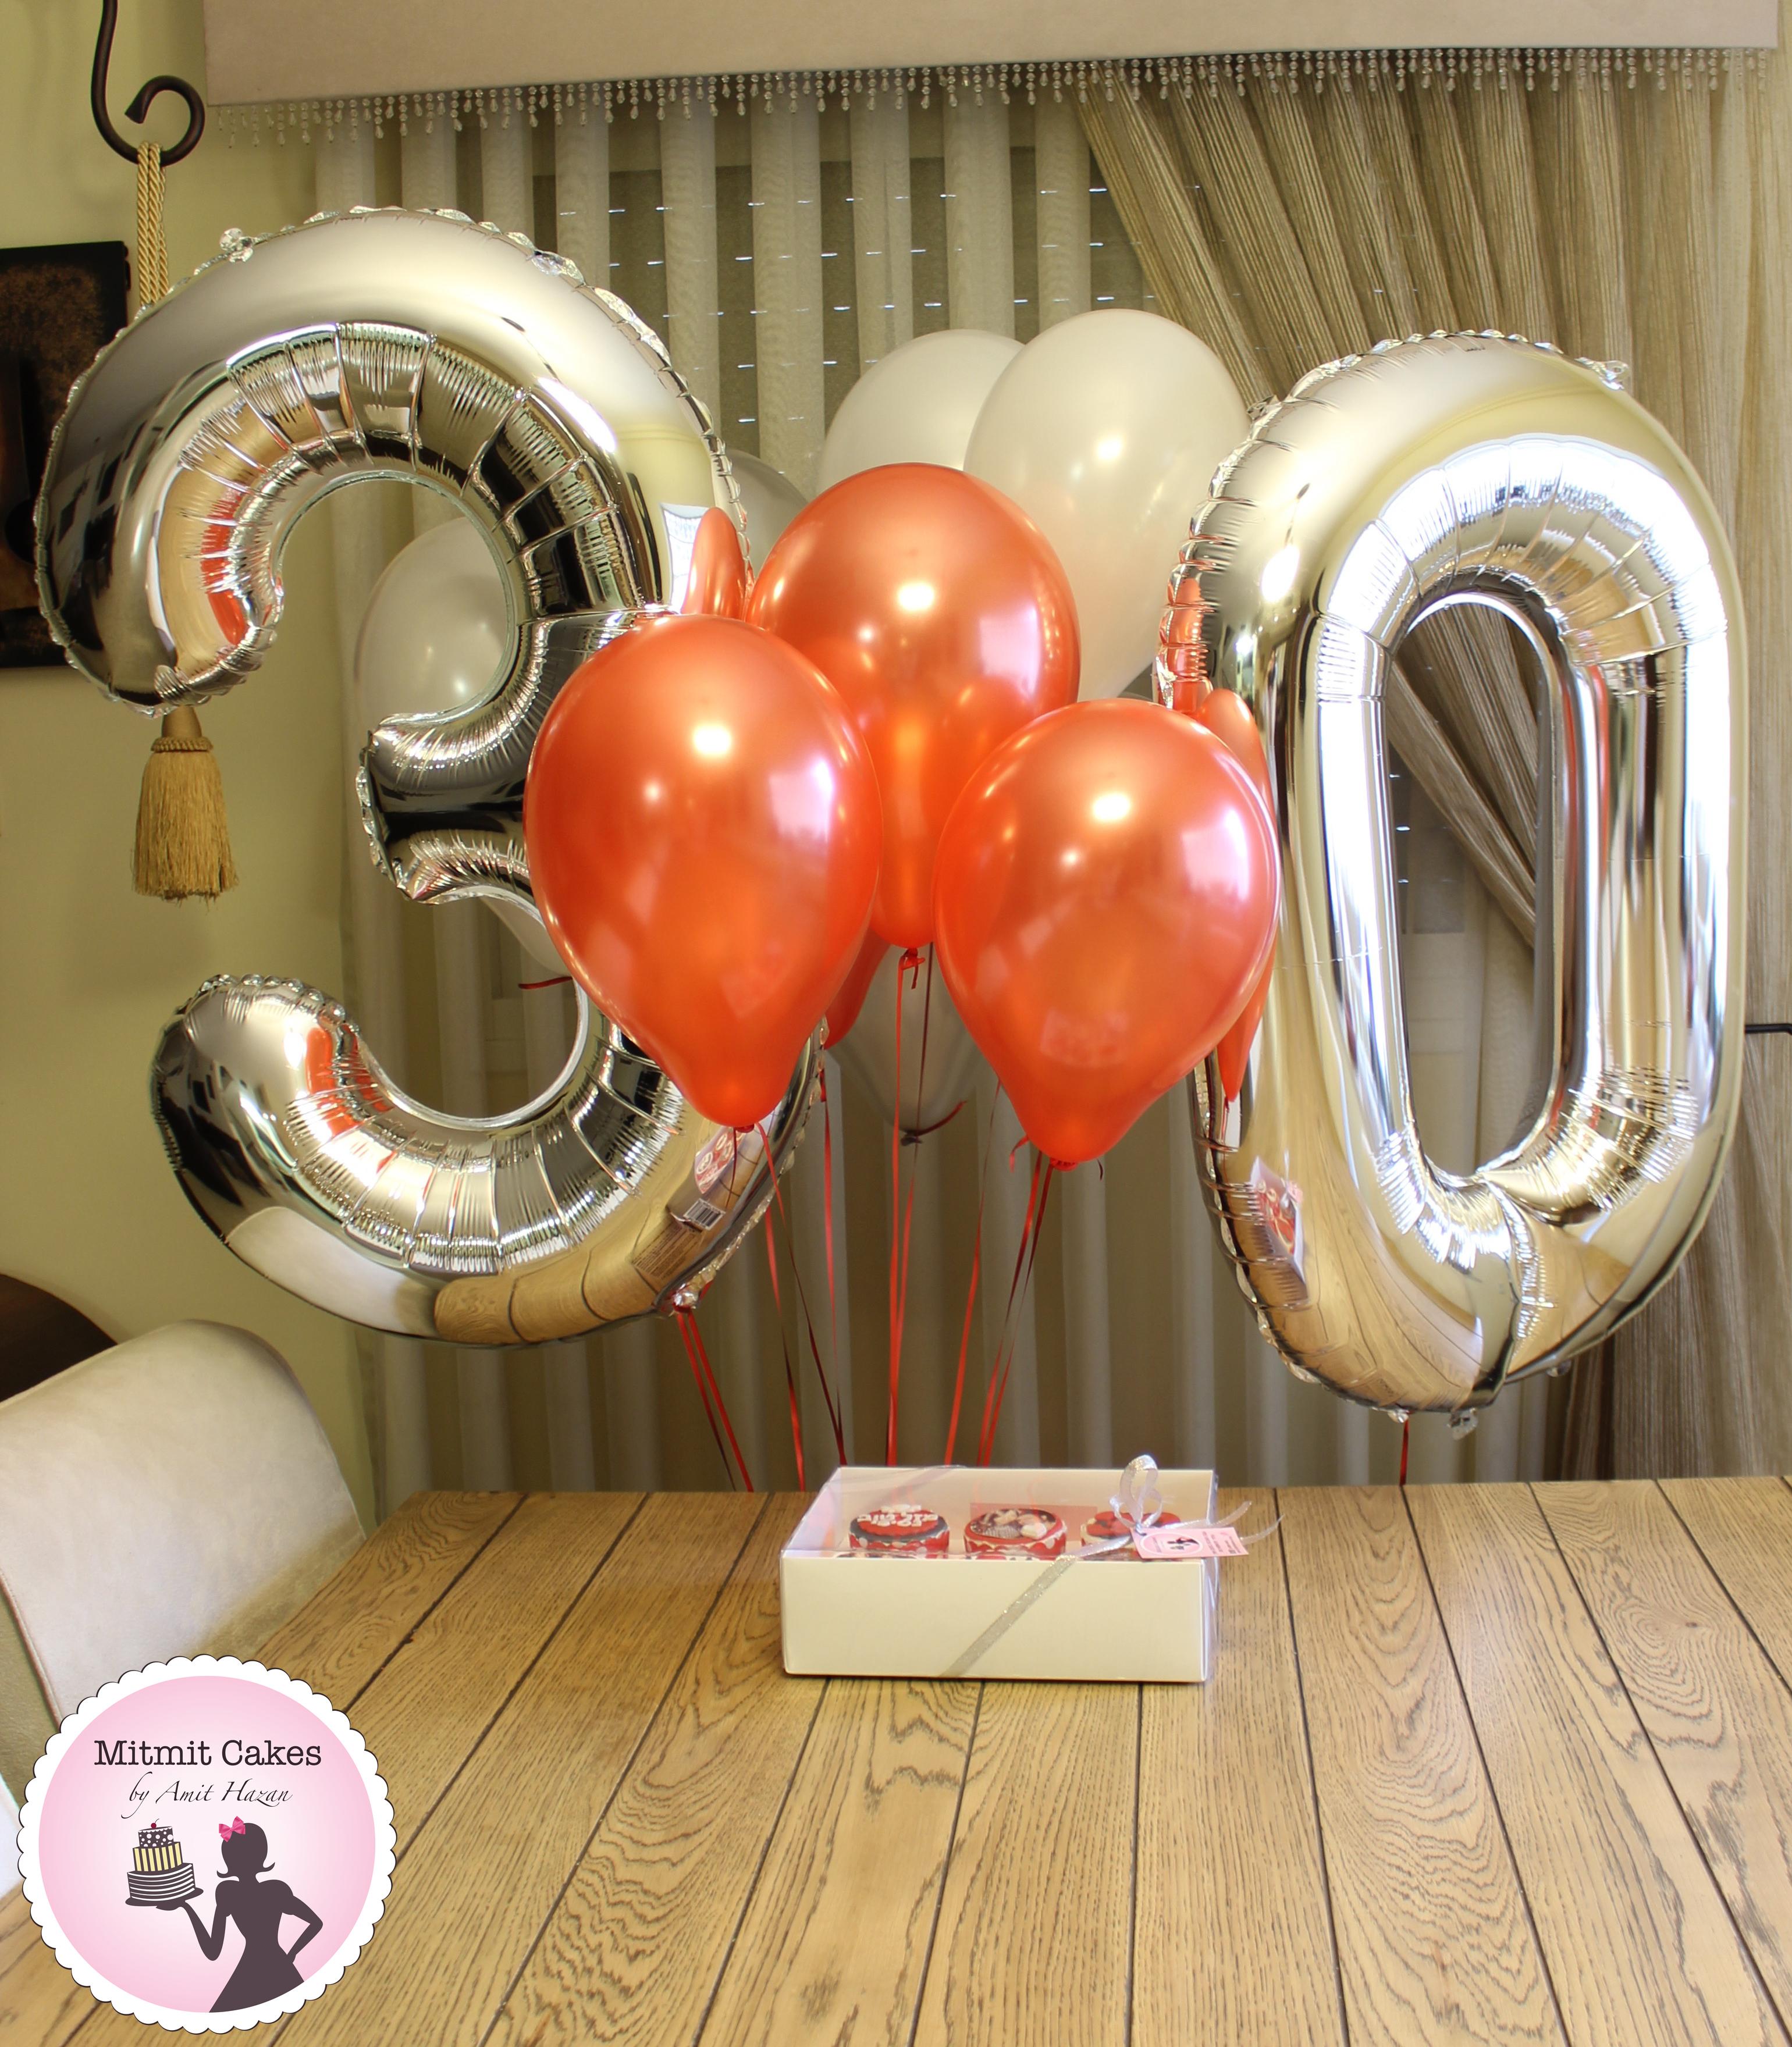 מארז קאפקייקס ובלונים ליום הולדת 30